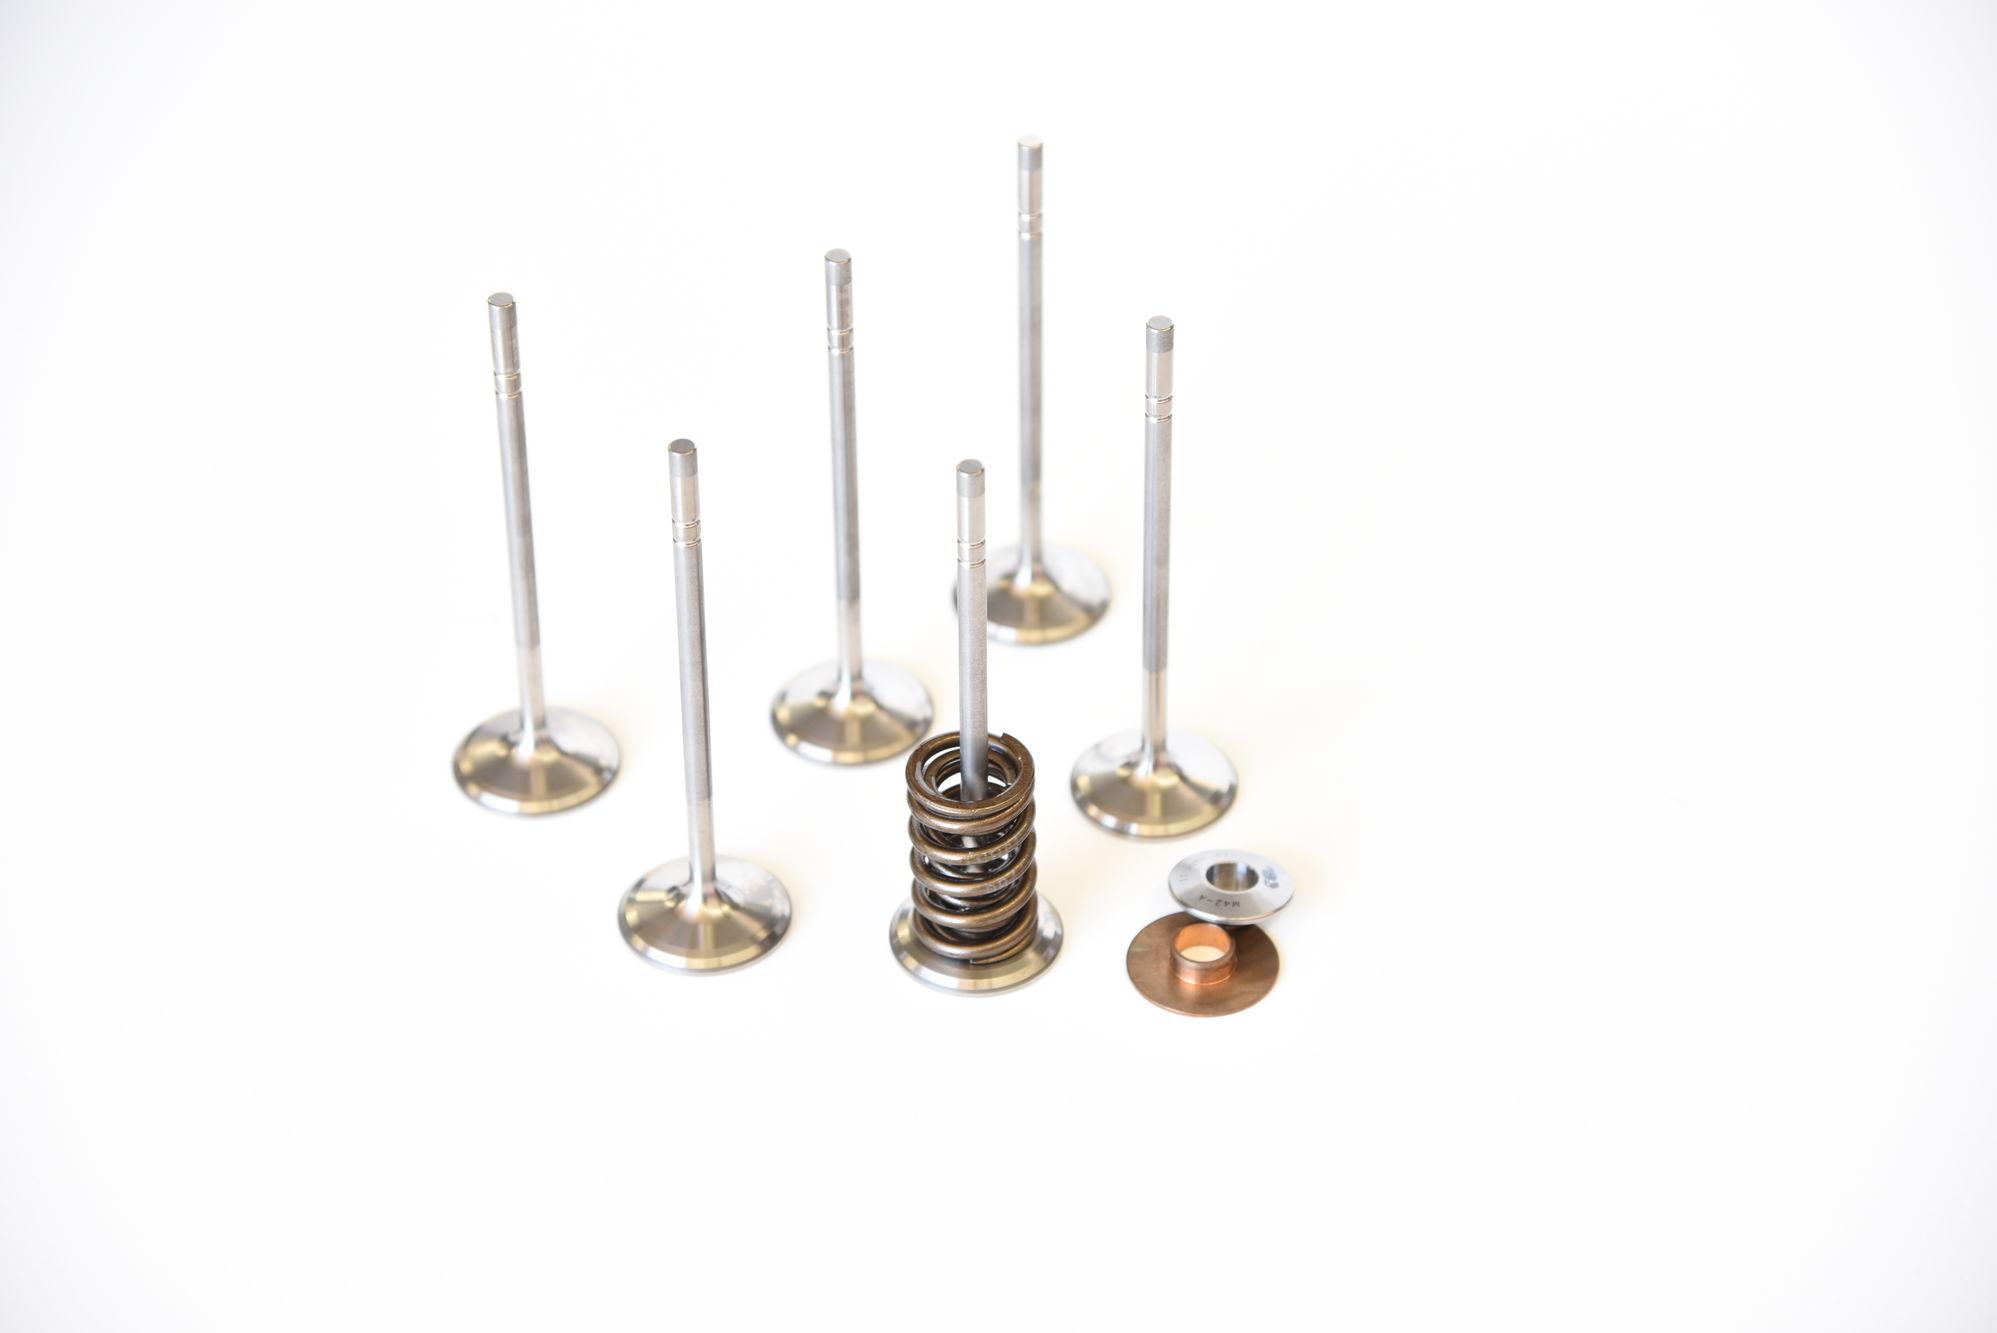 Dundon 42R Ti Valves, BeCu valve guide, double wound valve spring